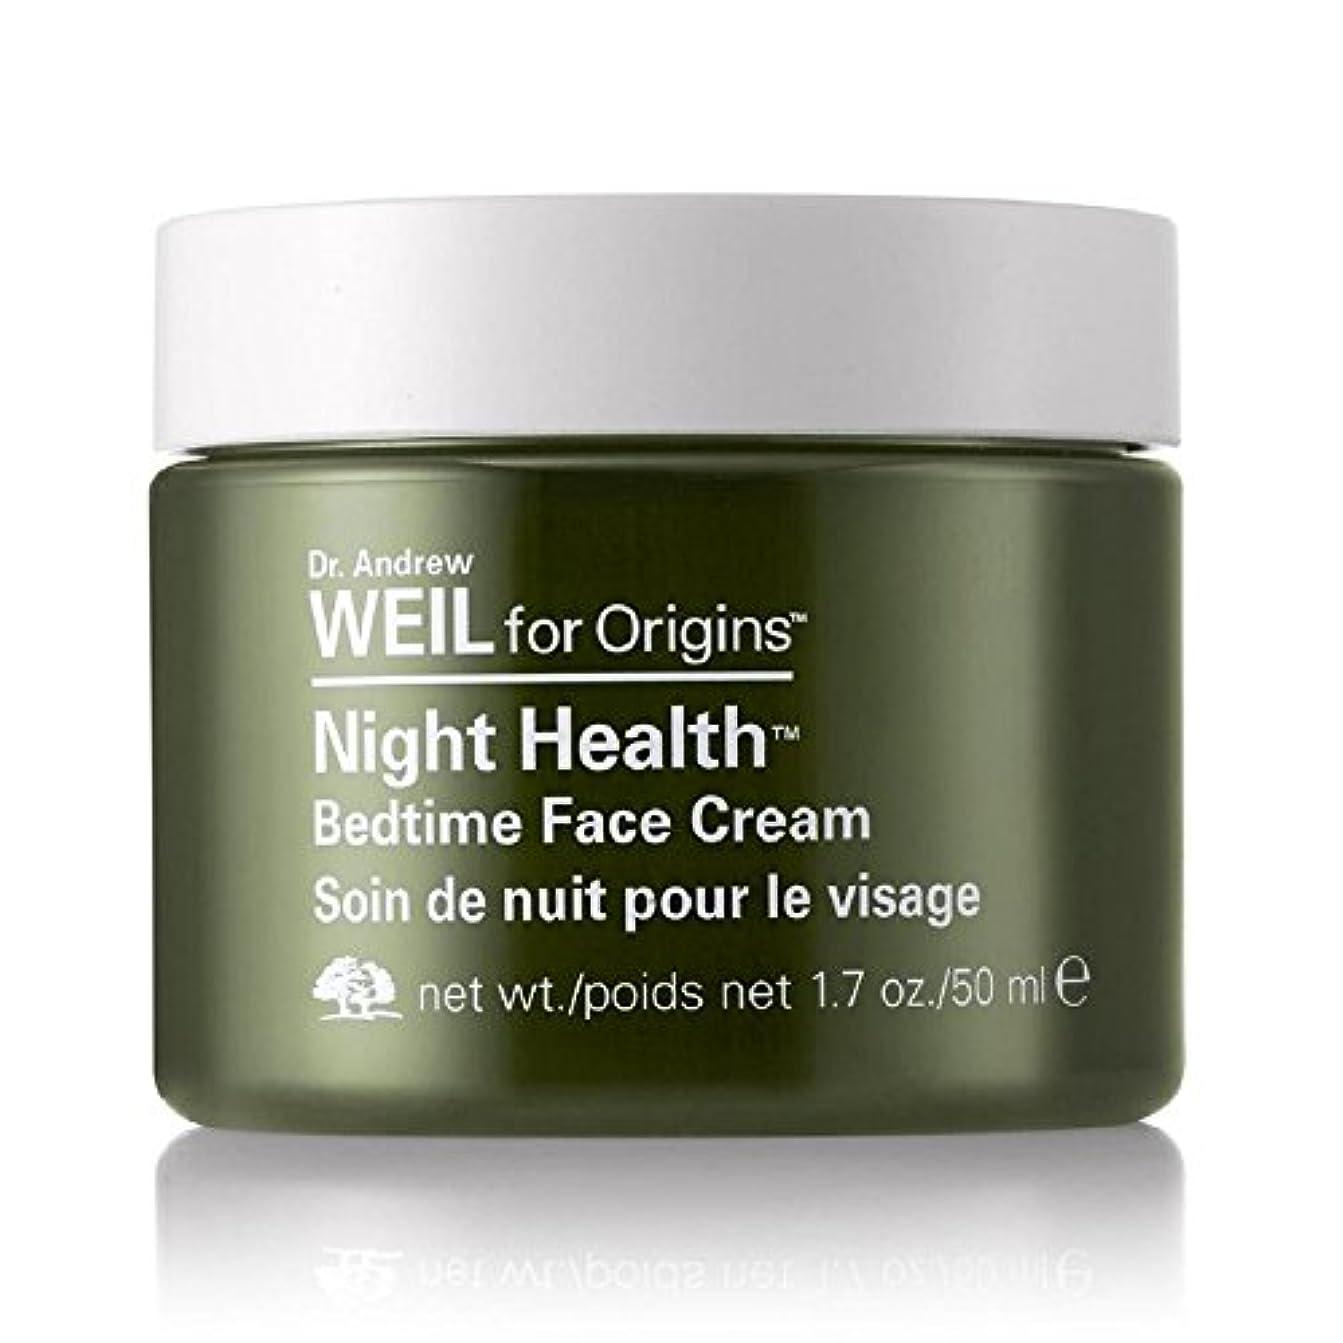 低い等価鰐起源のワイル夜の健康顔クリーム50 x4 - Origins Dr Weil Night Health Face Cream 50ml (Pack of 4) [並行輸入品]